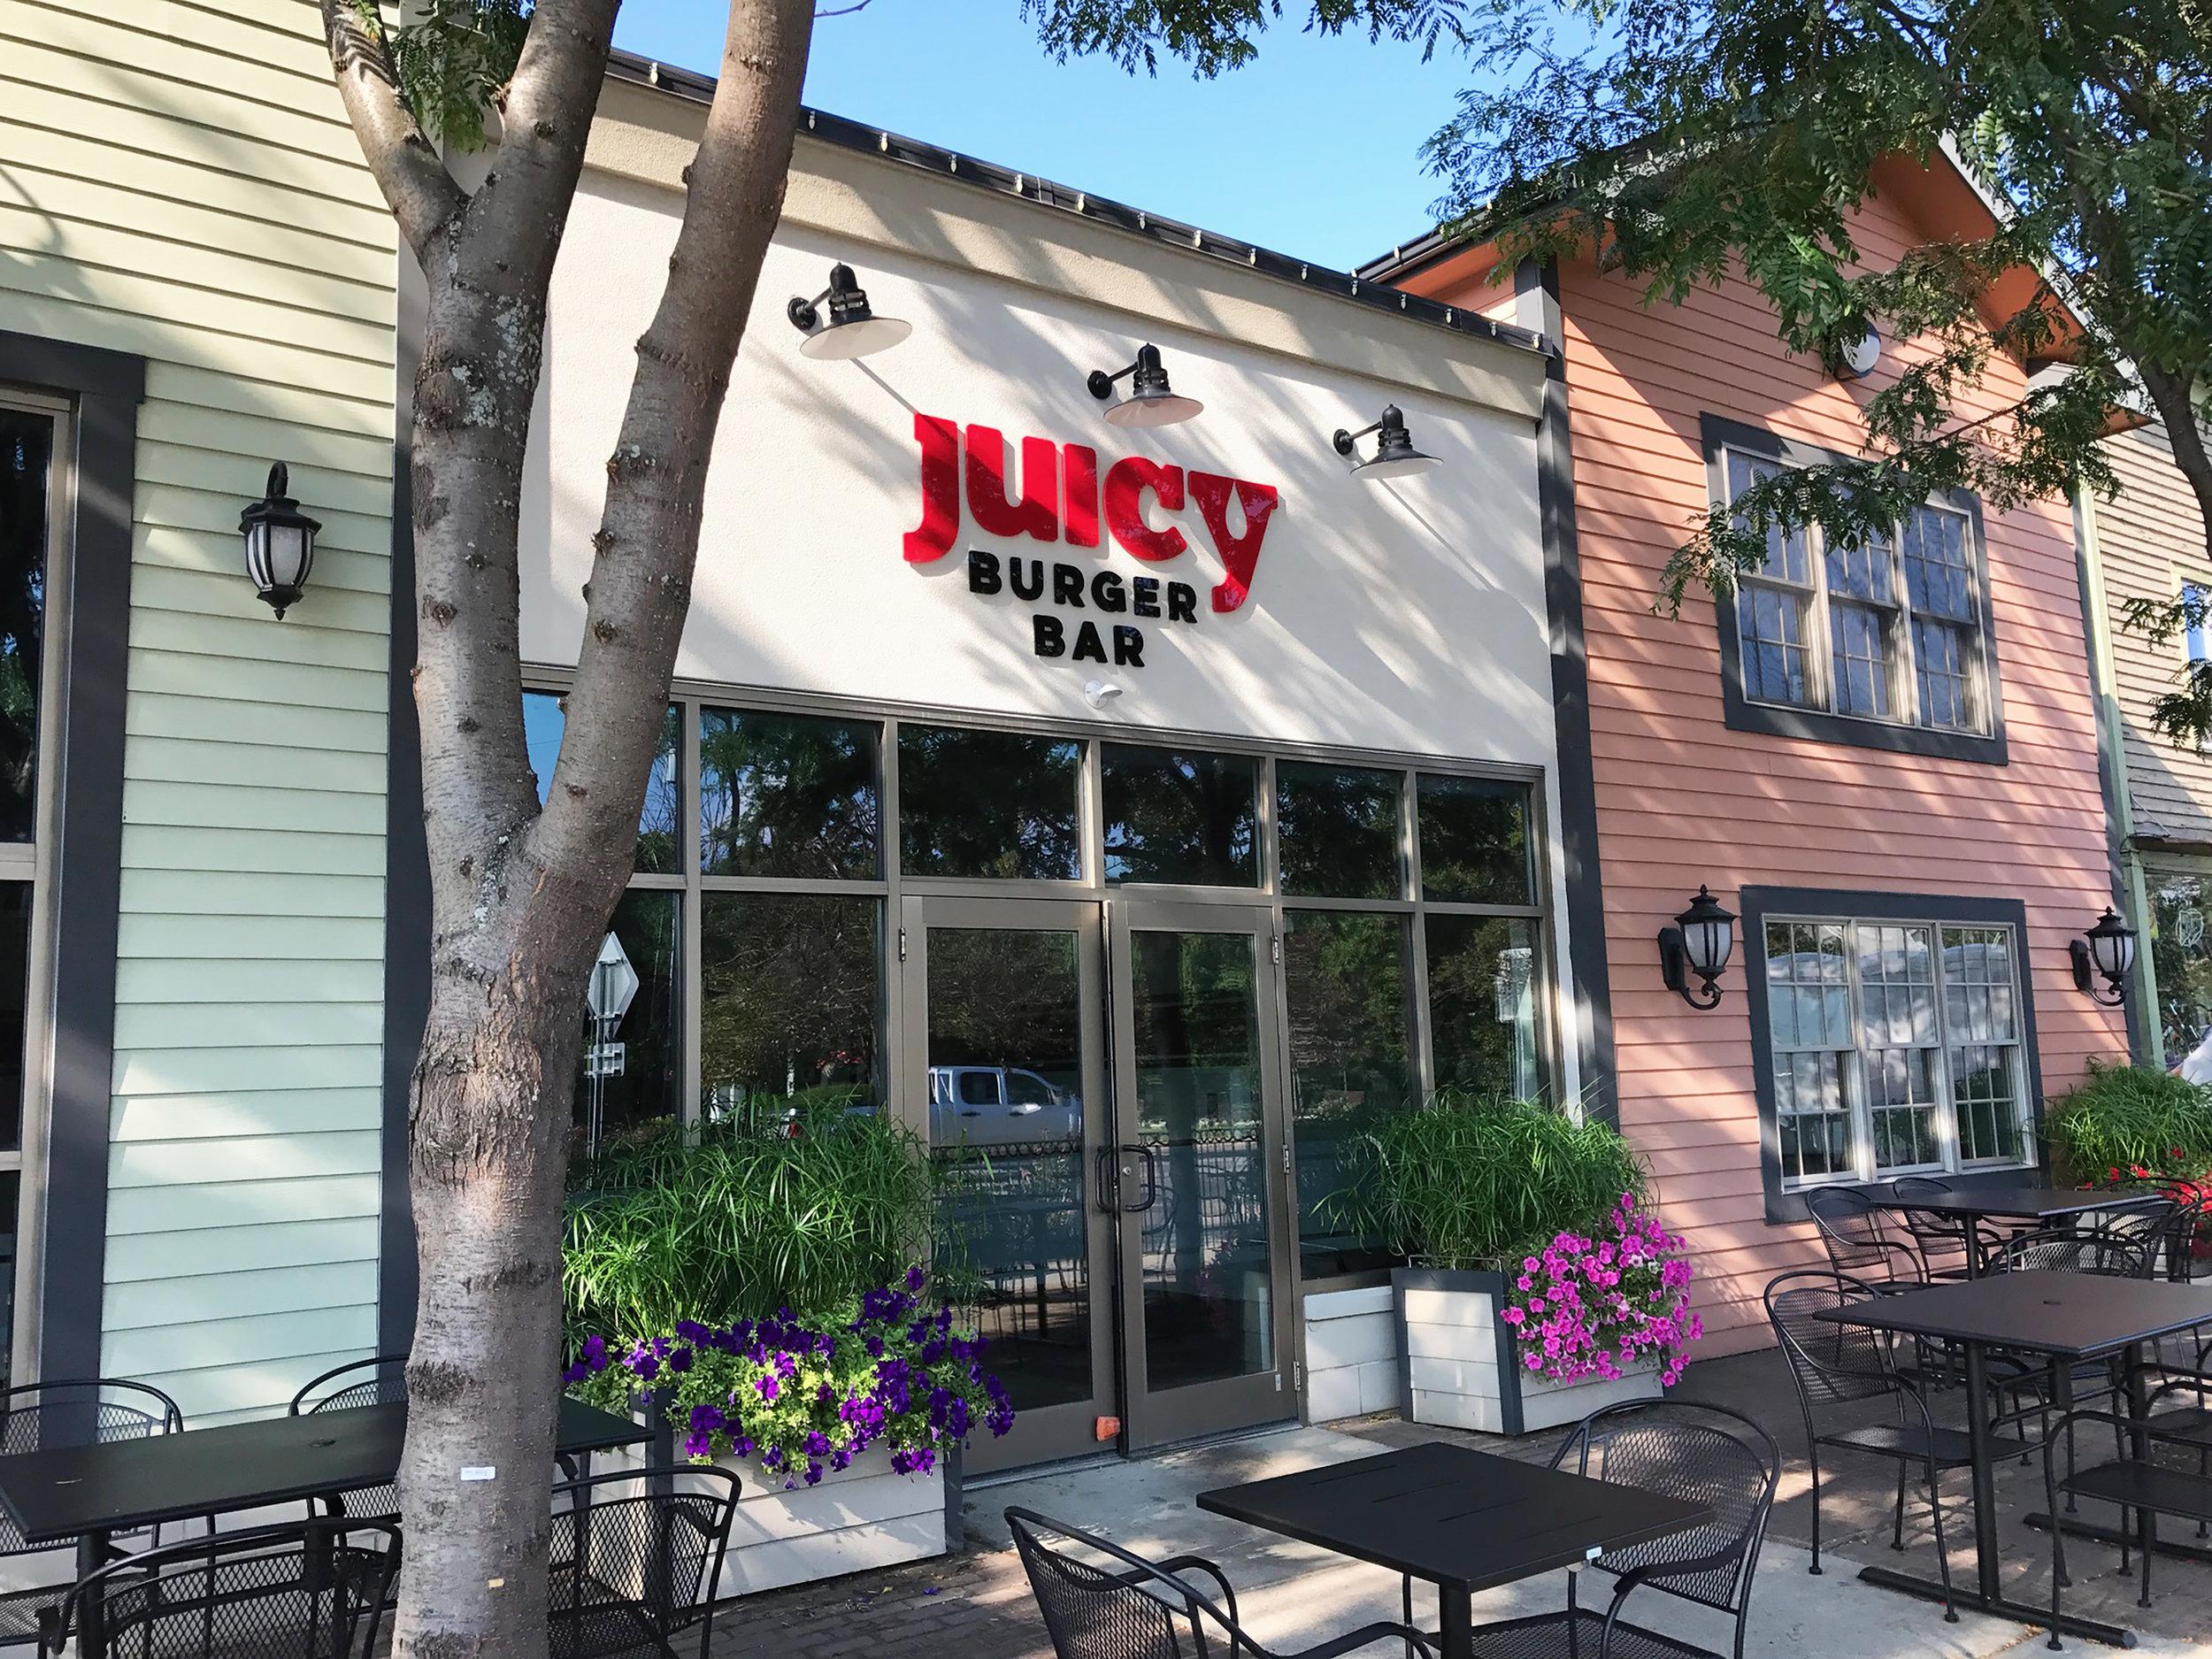 Juicy Burger Bar - Exterior Signage